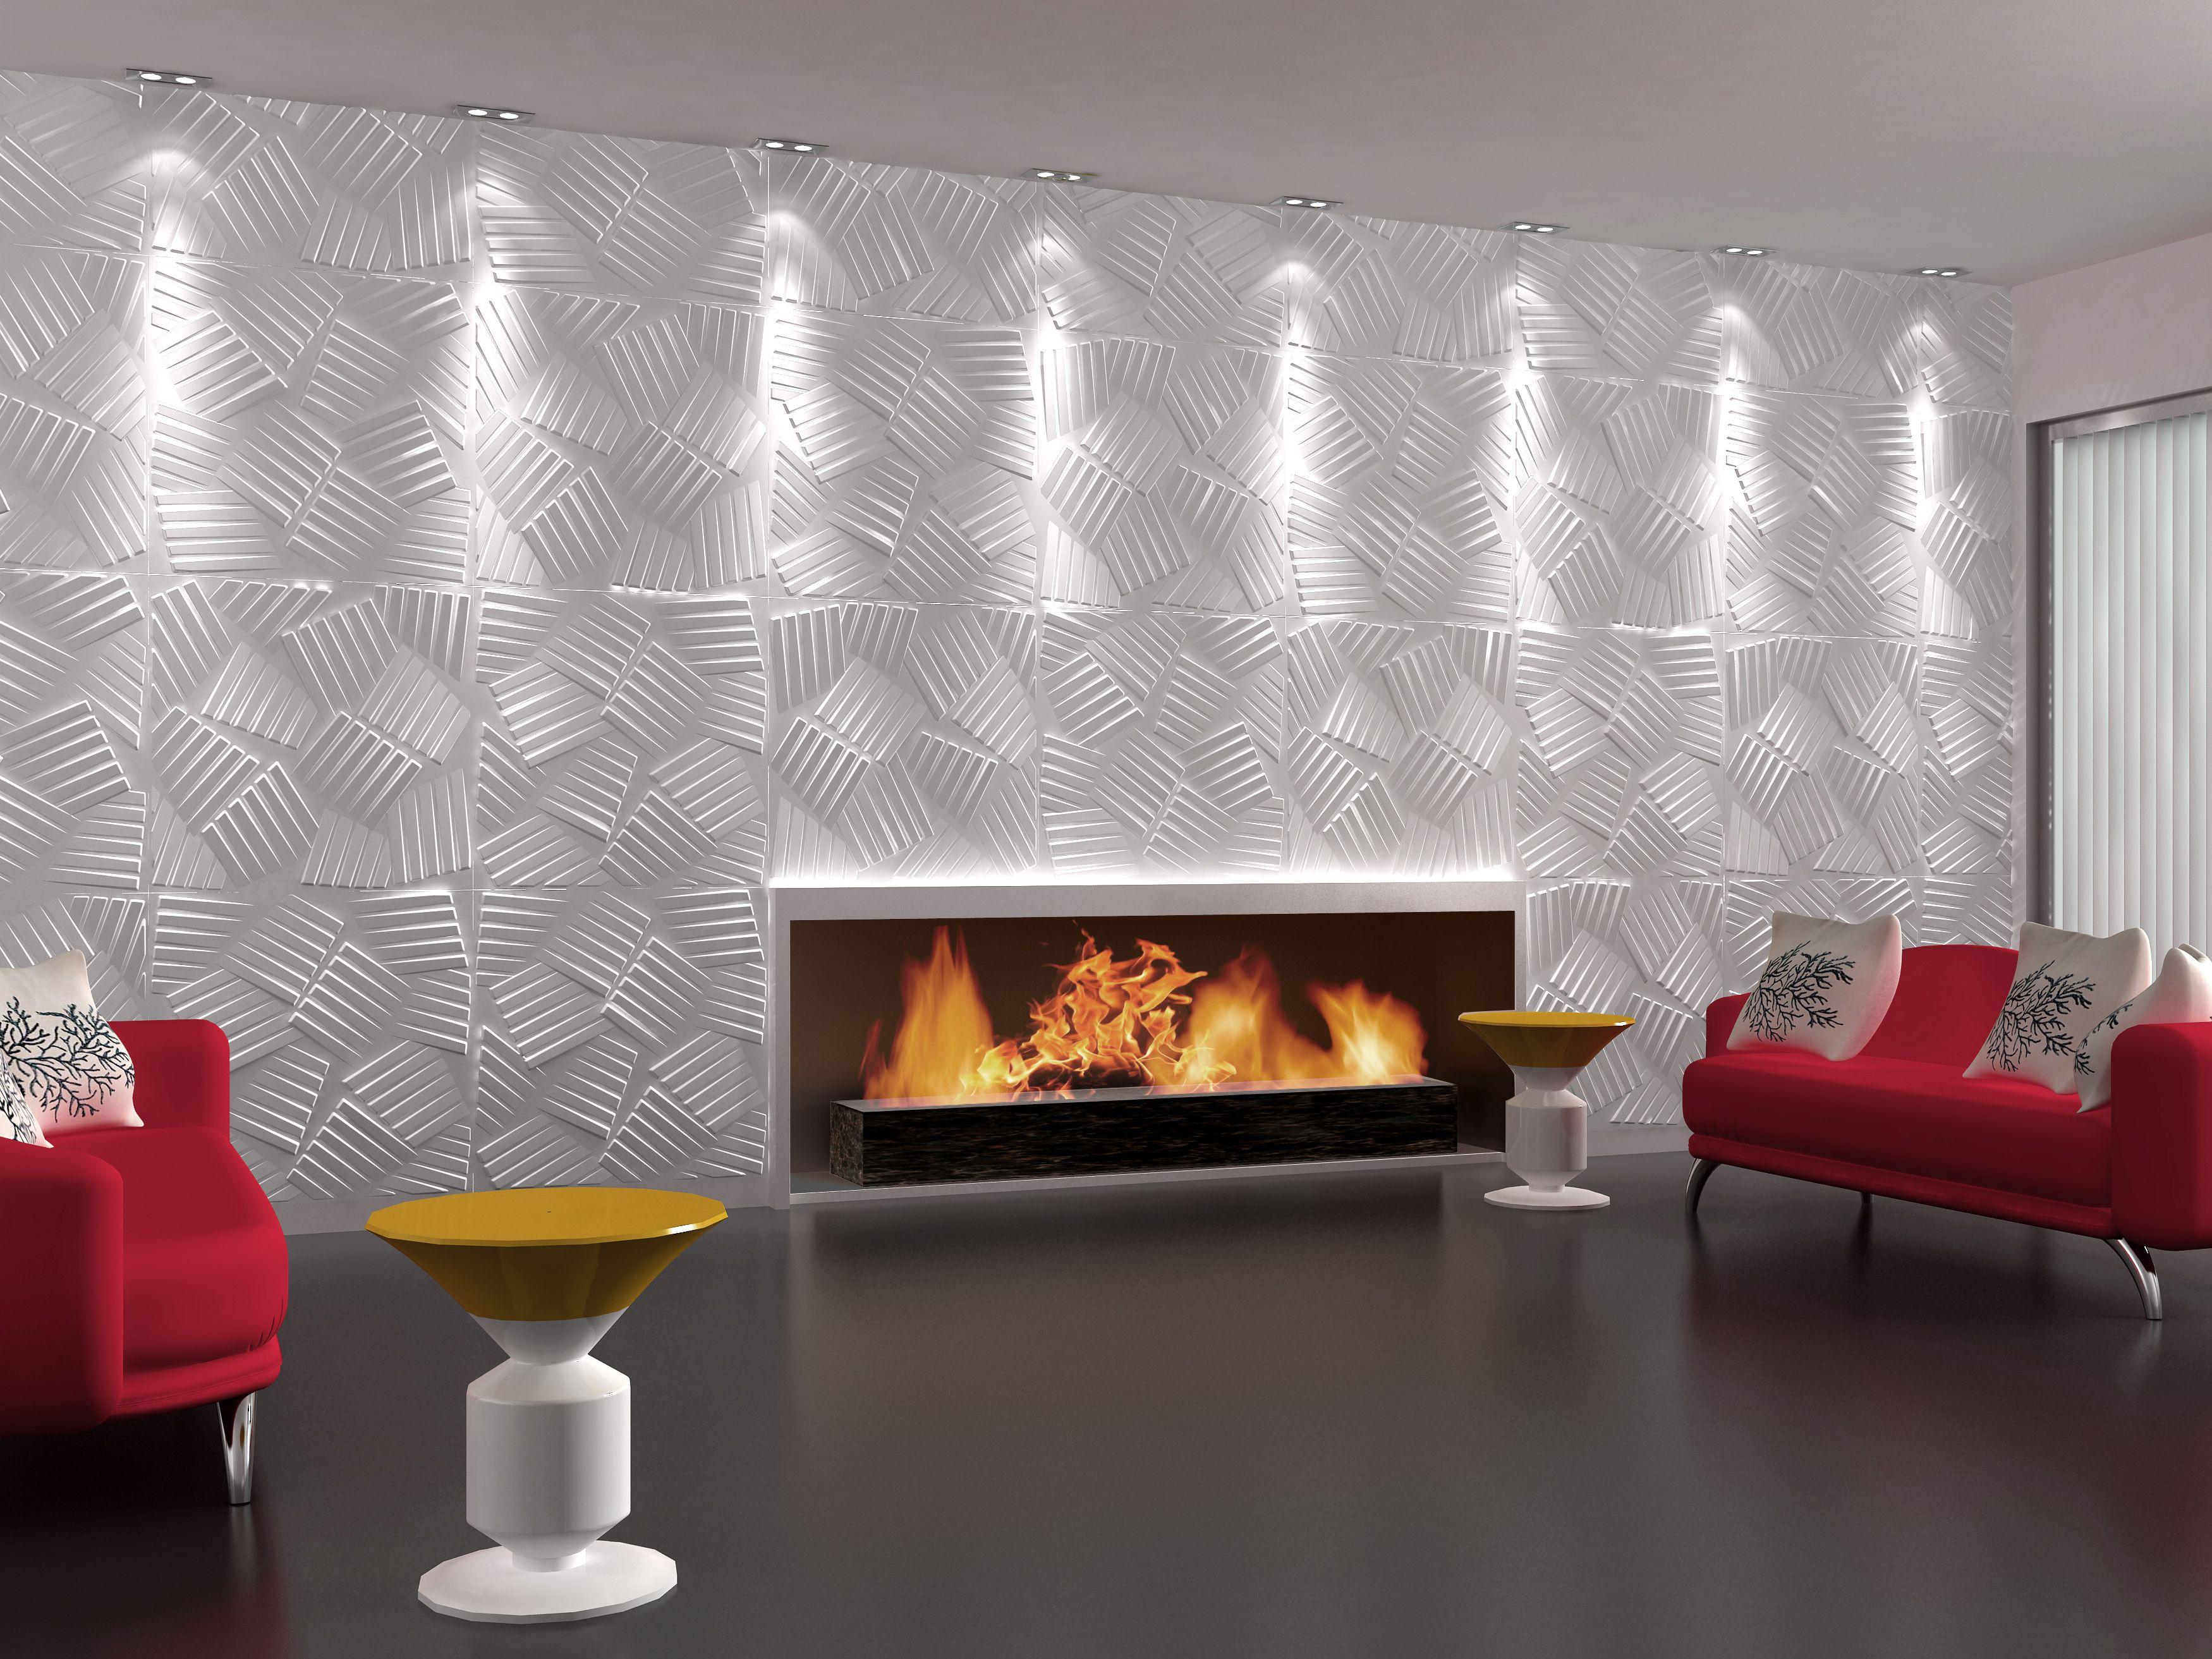 Aussergewohnliche Wohnzimmerwand Wandverkleidung Mit 3d Wandpaneele Jasper Von Panelprince In Salzburg Wohnzimmerwand Wohnzimmer Ideen Wandverkleidung